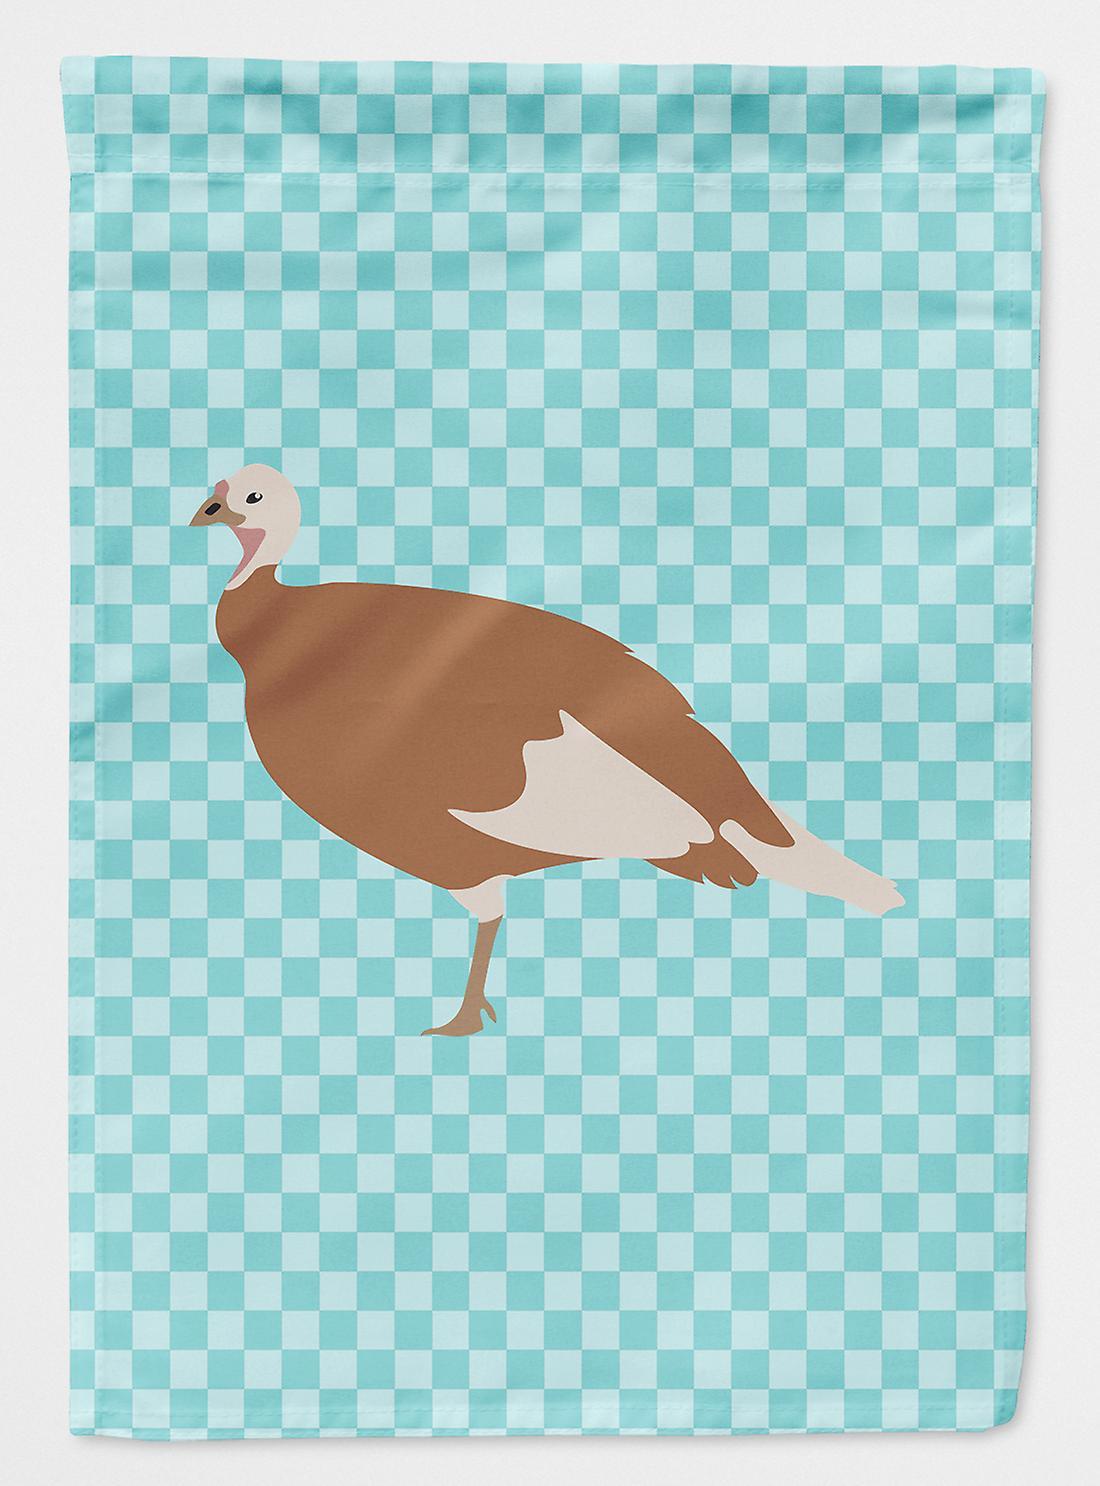 Maillot Turquie chamois Hen cocher bleu drapeau toile maison Taille